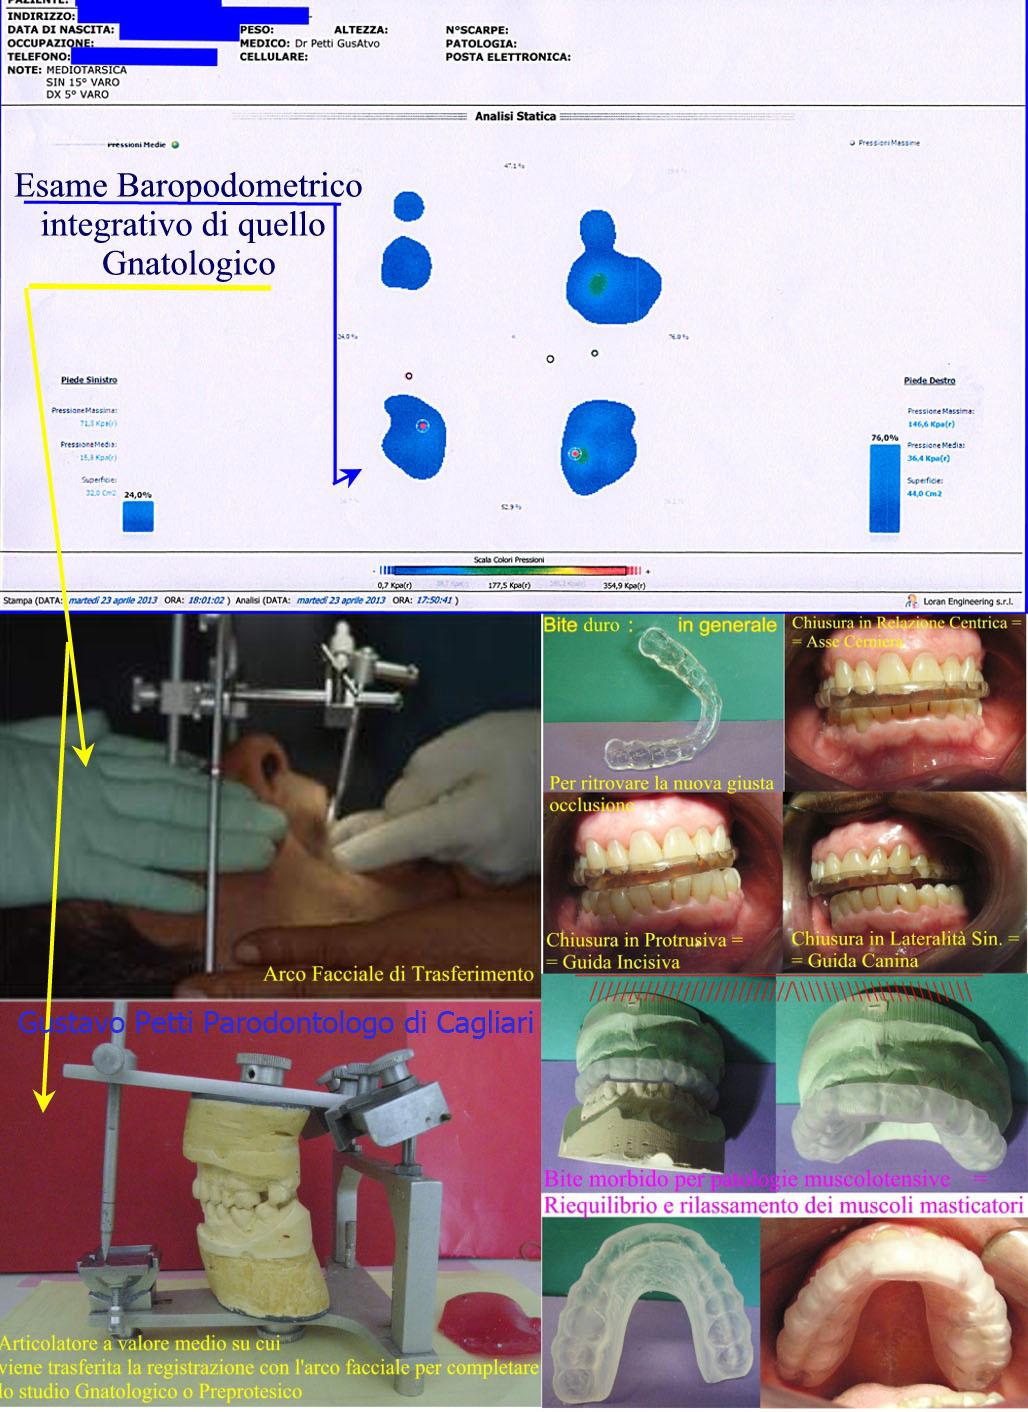 analisi-gnatologica-dr-g.petti-cagliari-114.jpg